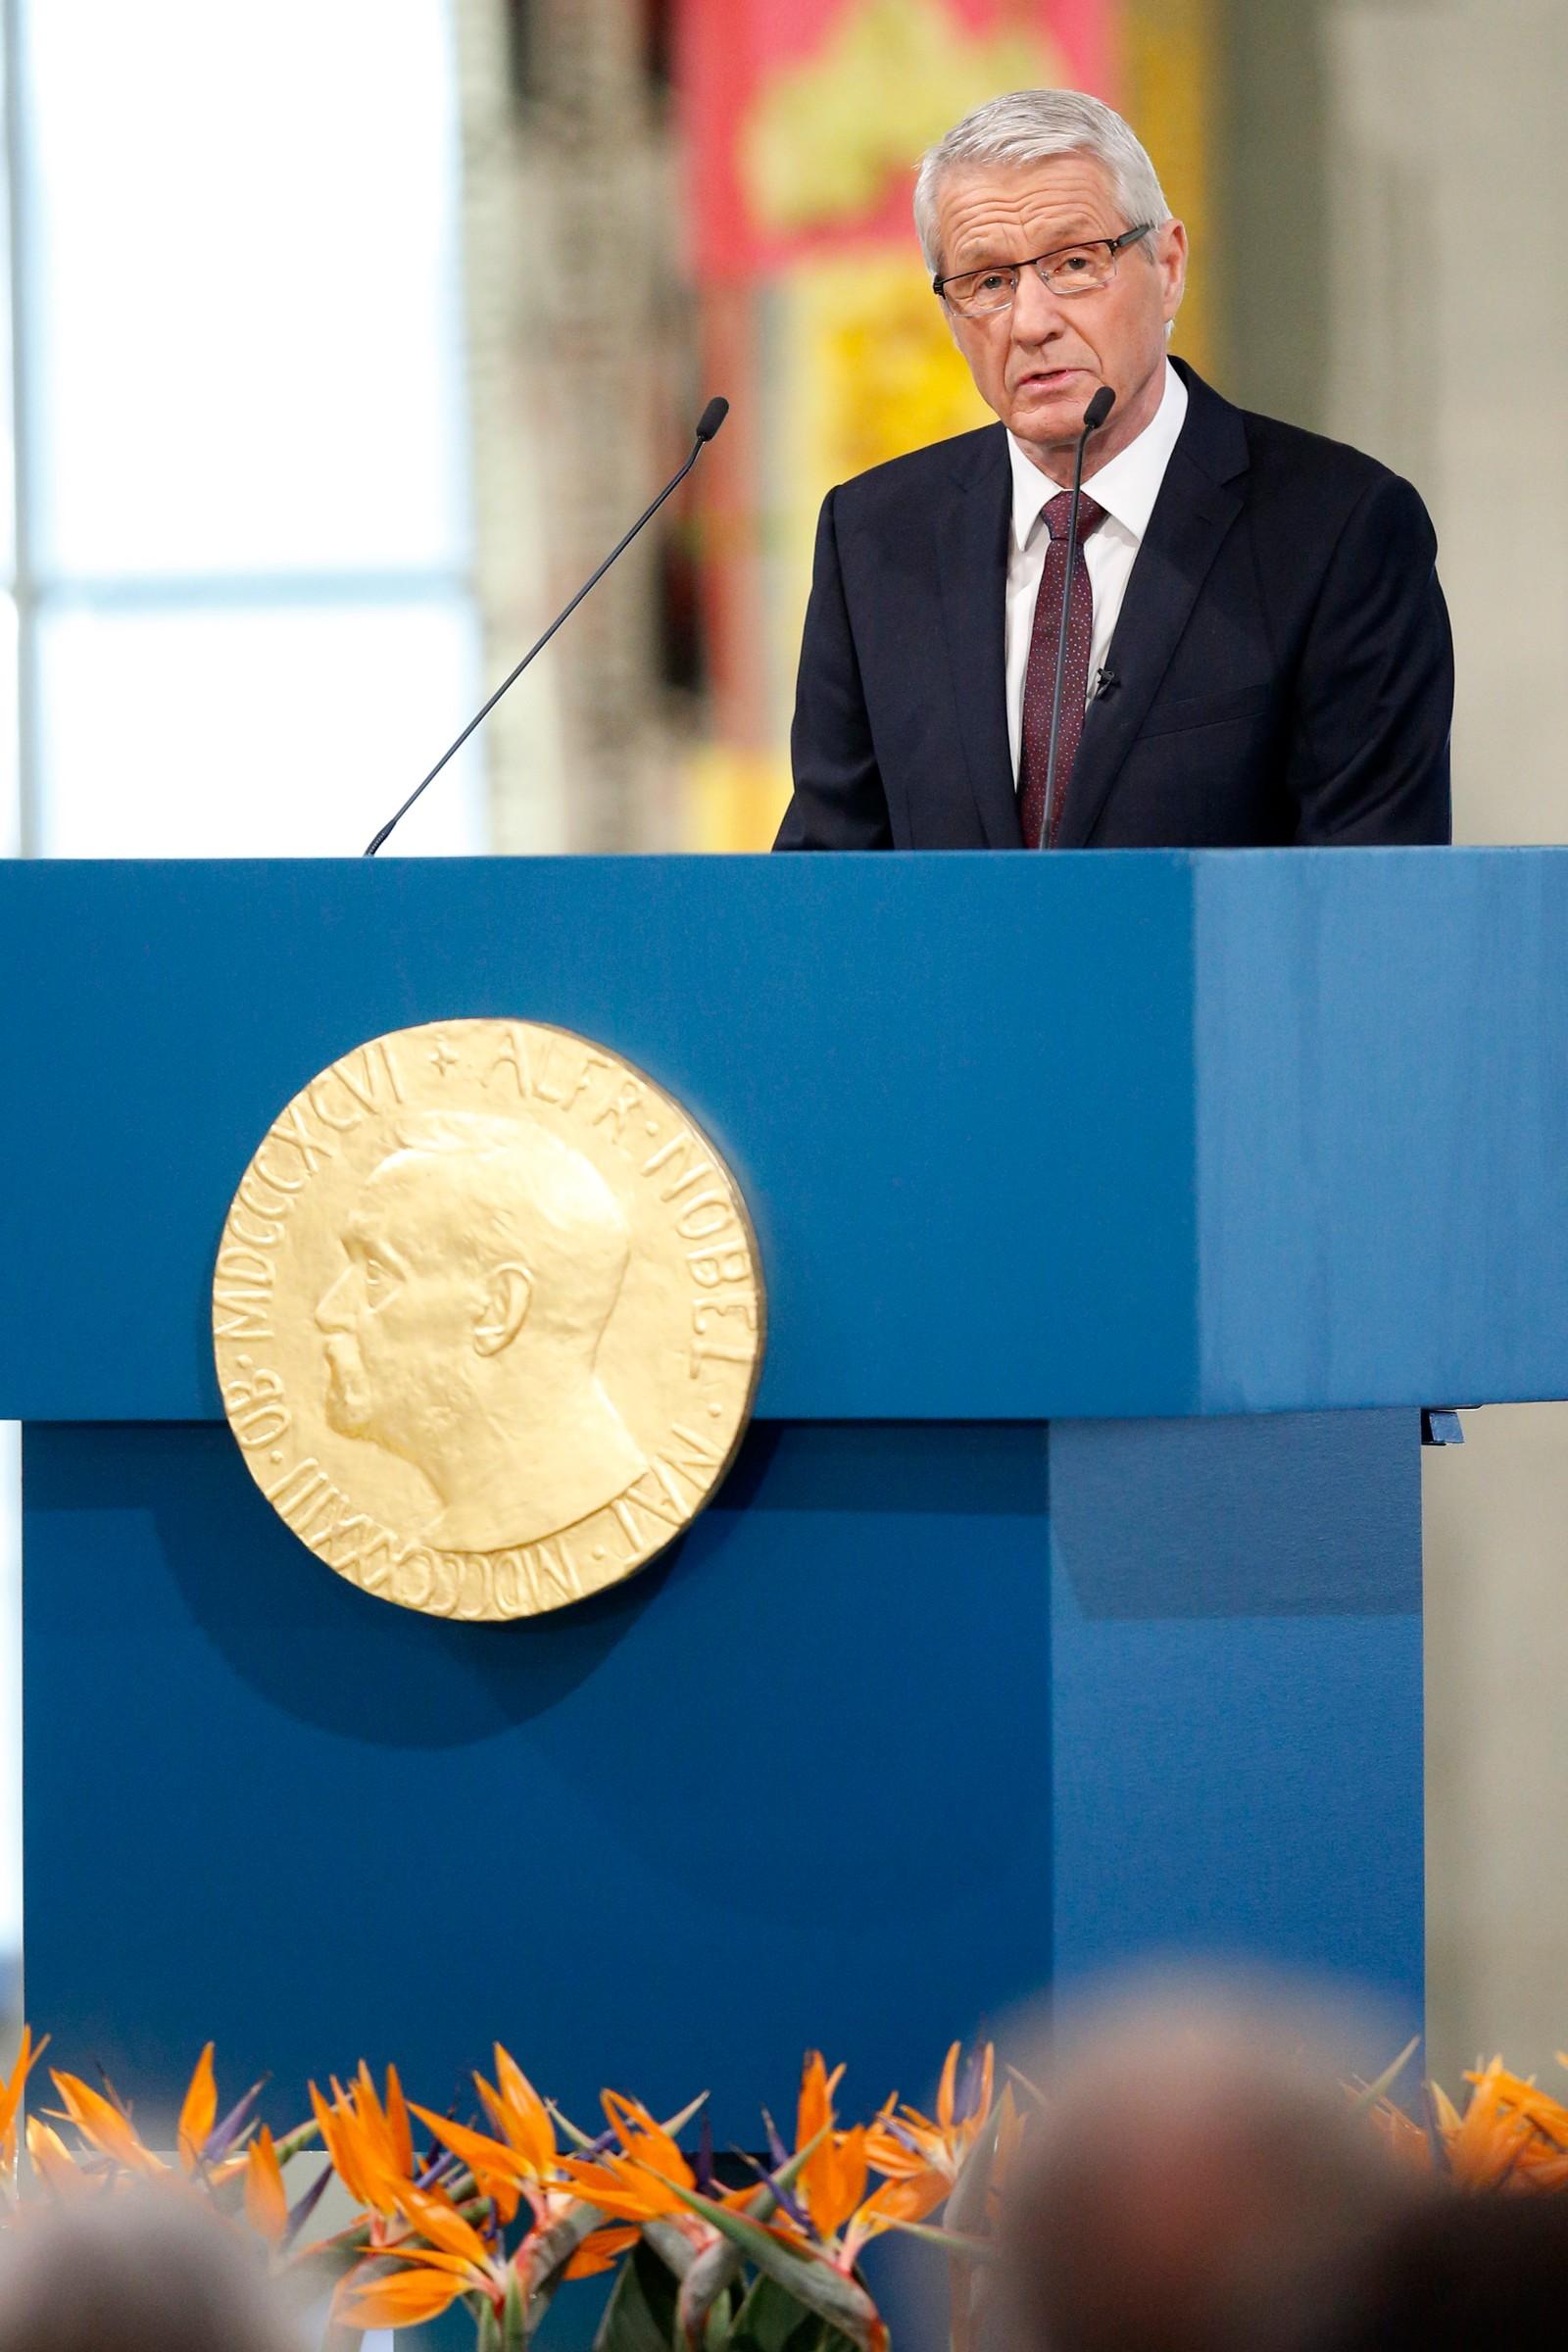 STOLT: Nobel-komiteens leder Thorbjørn Jagland taler til Malala Yousafzai og Kailash Satyarthi som mottar Nobels Fredspris 2014 i Oslo Rådhus.